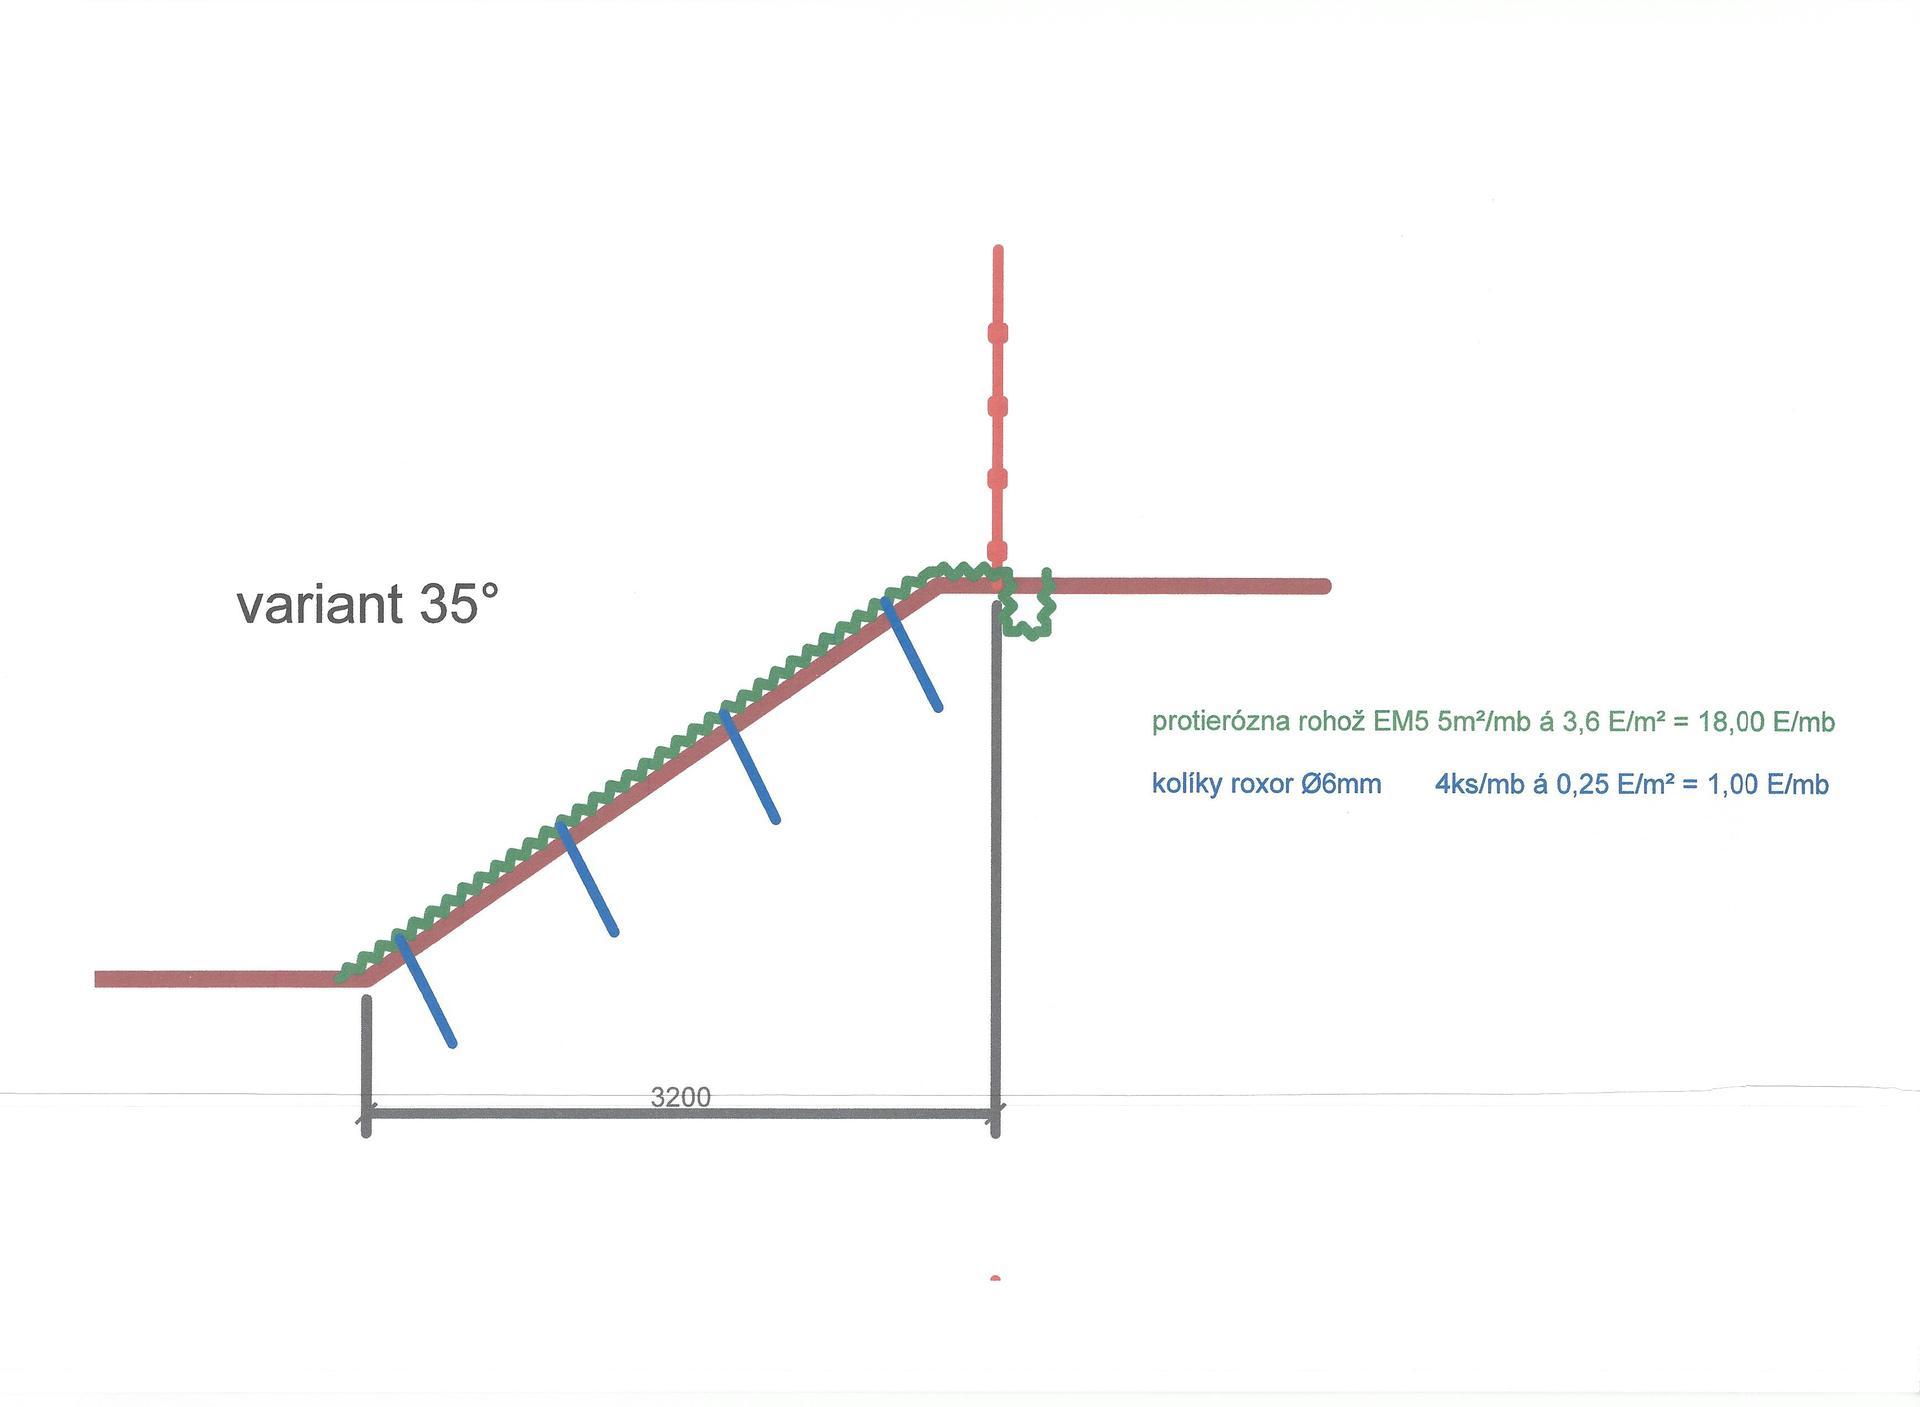 19. SVAH MEDZI SUSEDMI - otázka a odpoveď - 02. Variant s úpravou svahu do 35°.